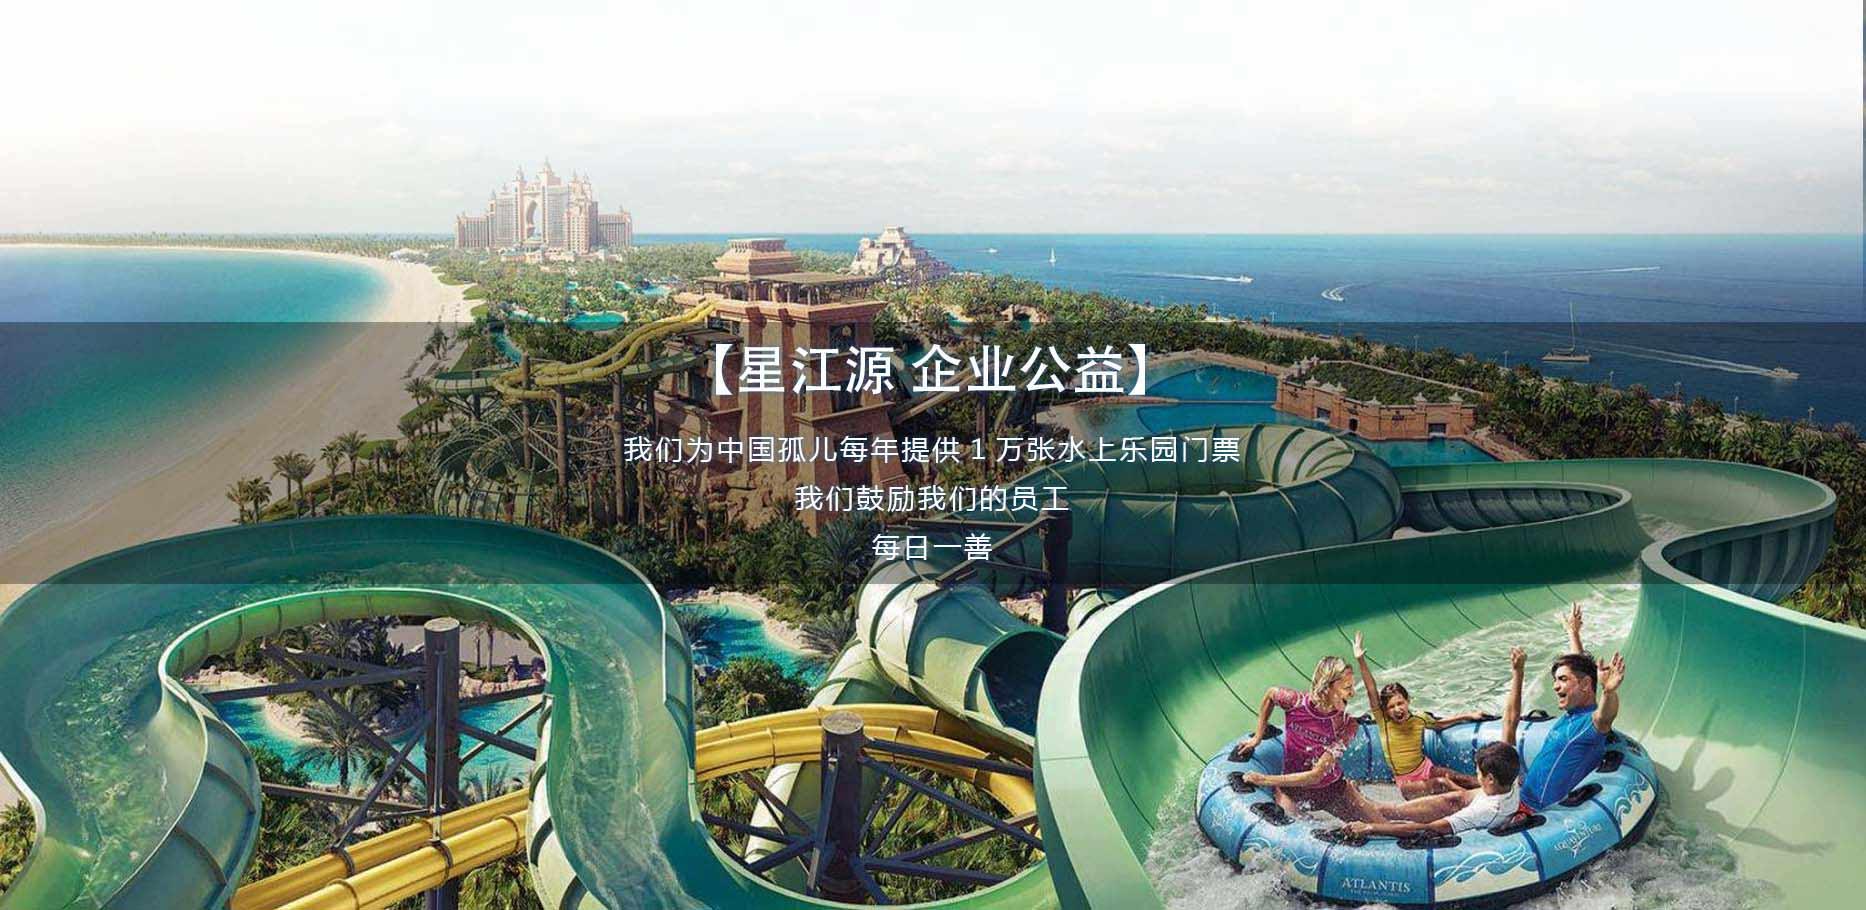 水上乐园滑梯生产厂家(星米乐直播NBA)为您解读最新水上乐园设备报价/价格